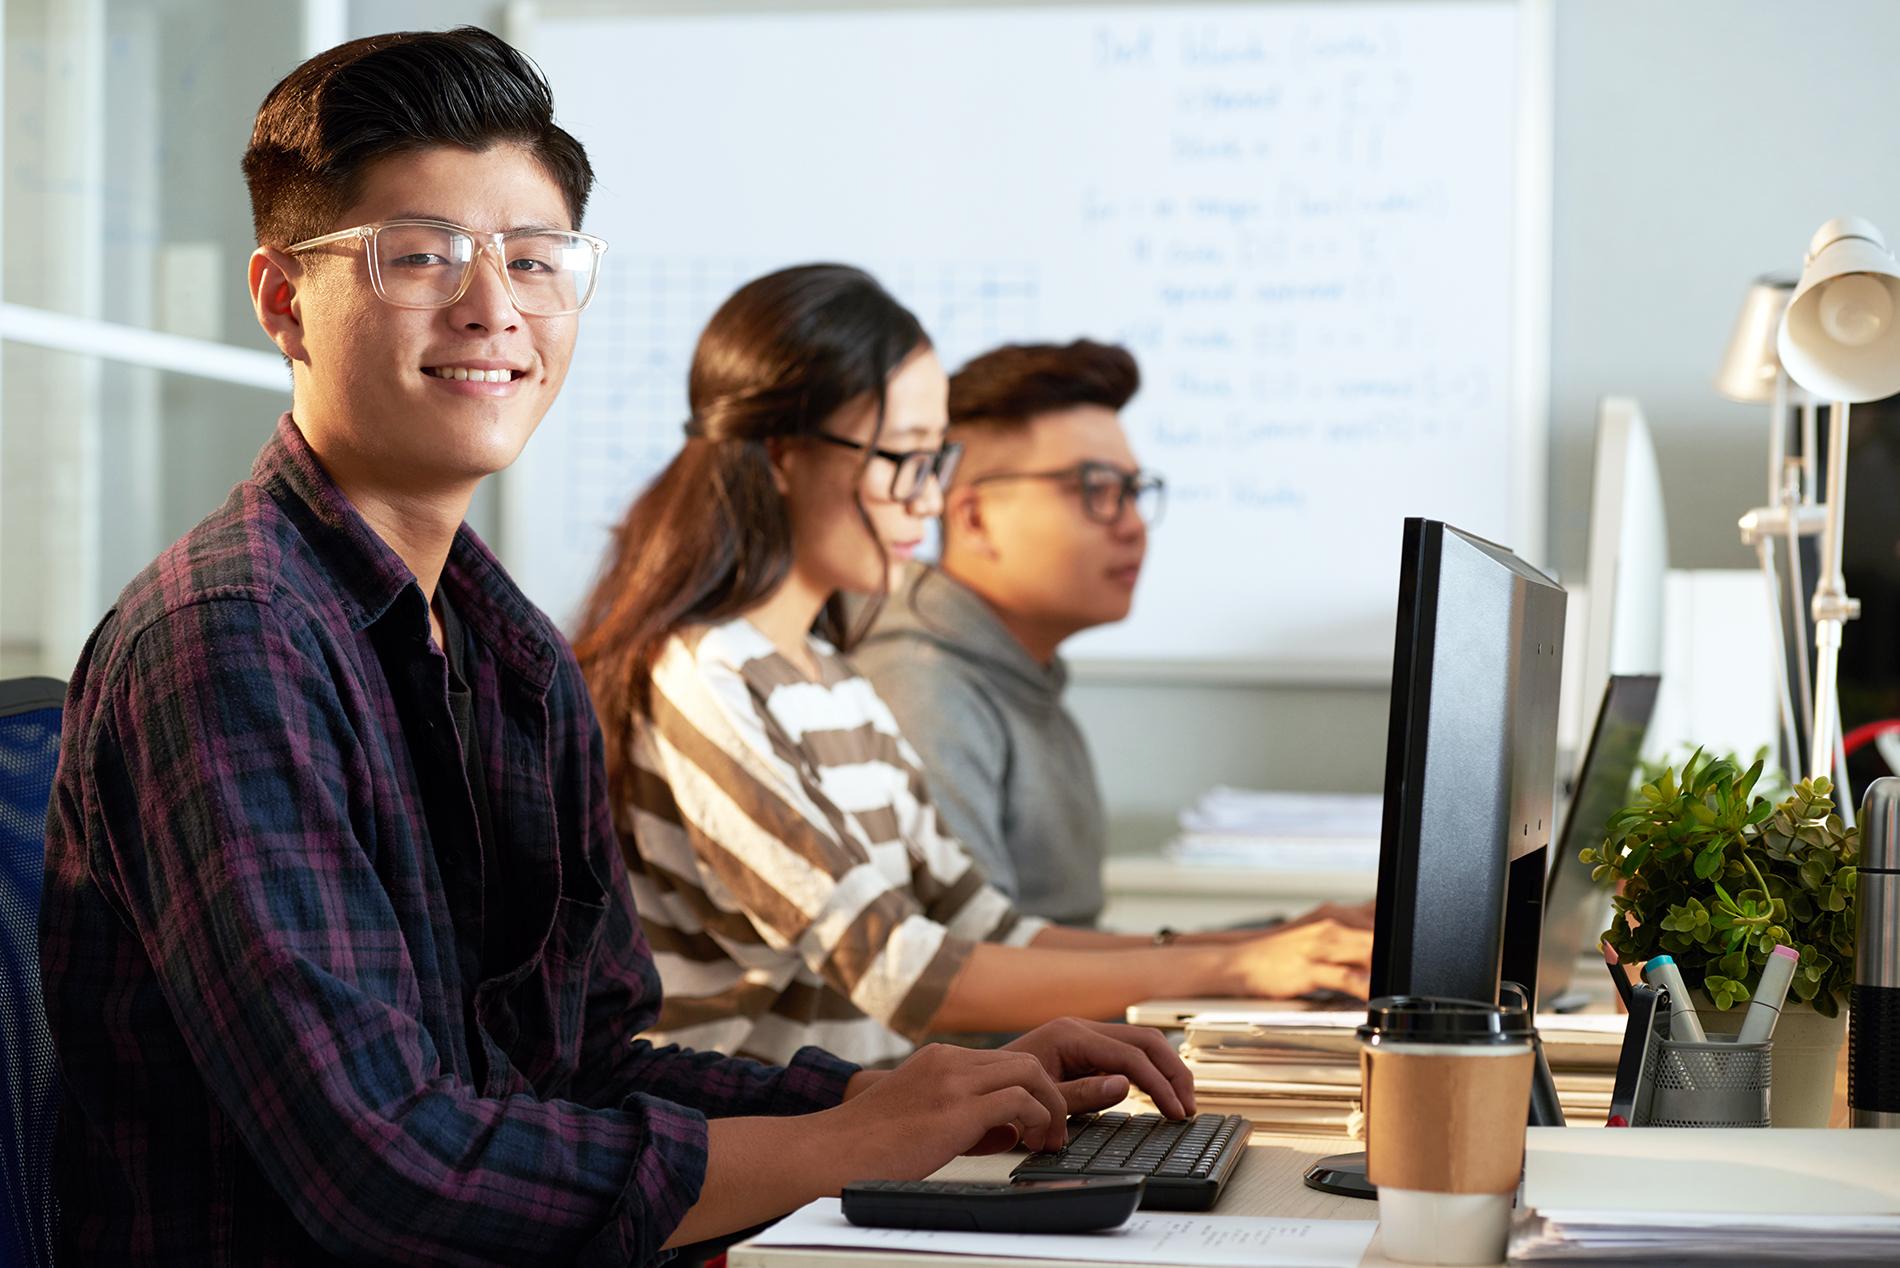 ベトナム人エンジニアの特徴とは|日本のエンジニア不足を救う外国人エンジニア